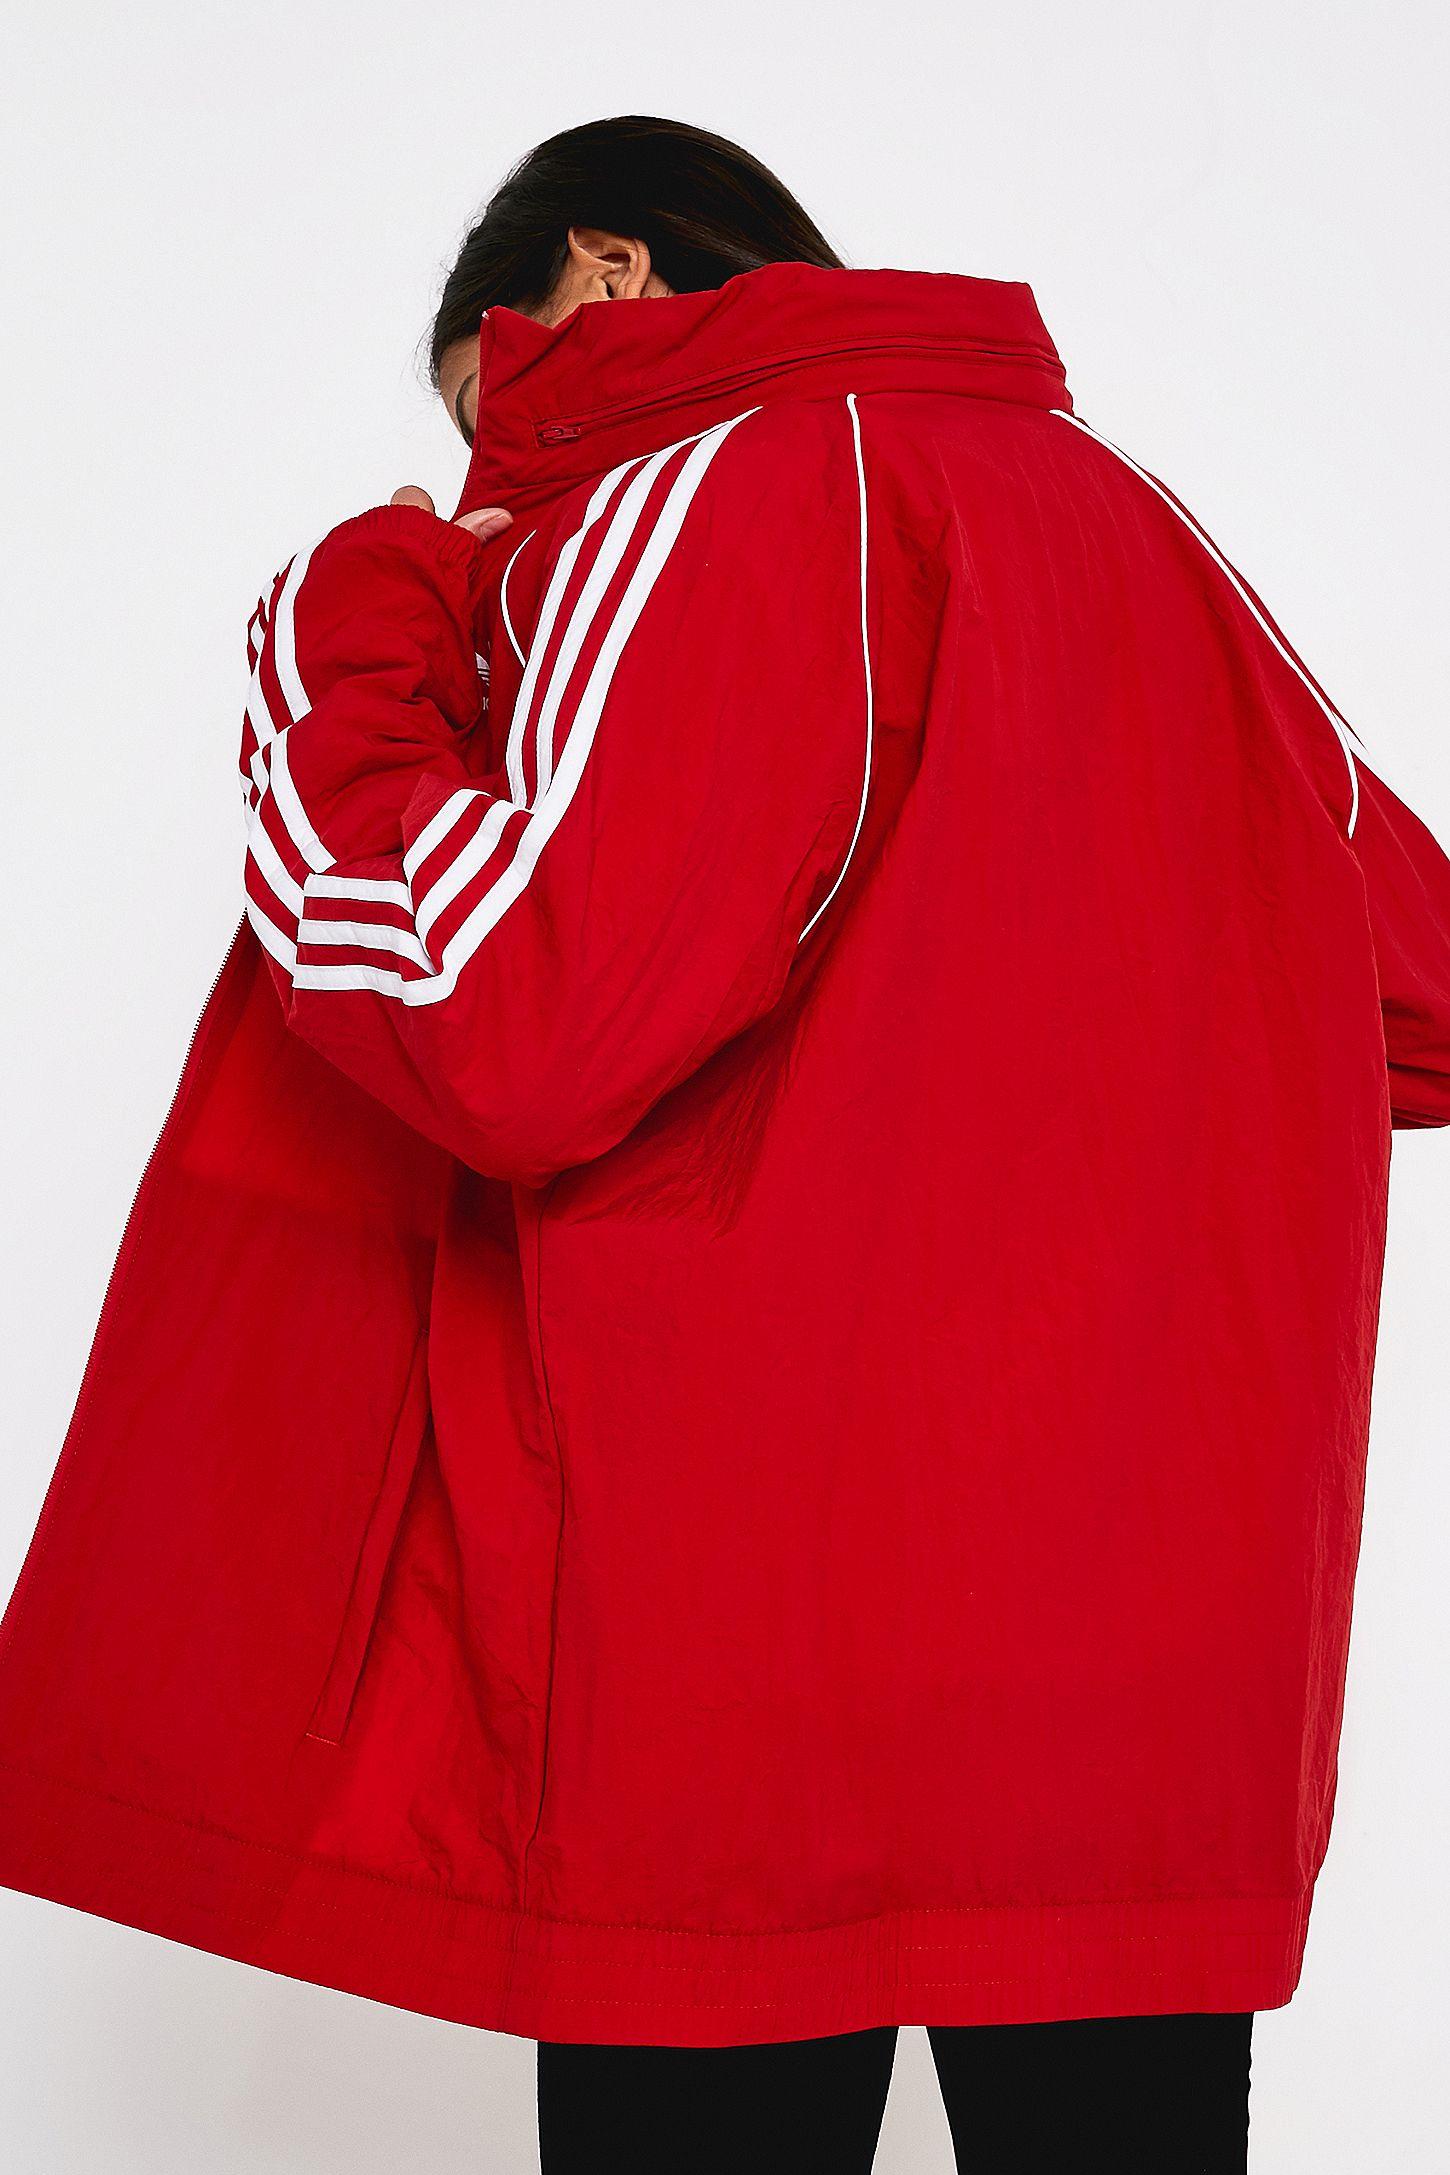 Survêtement Sst Coupe Originals Rouge De Urban Adidas Veste Vent gtxF1